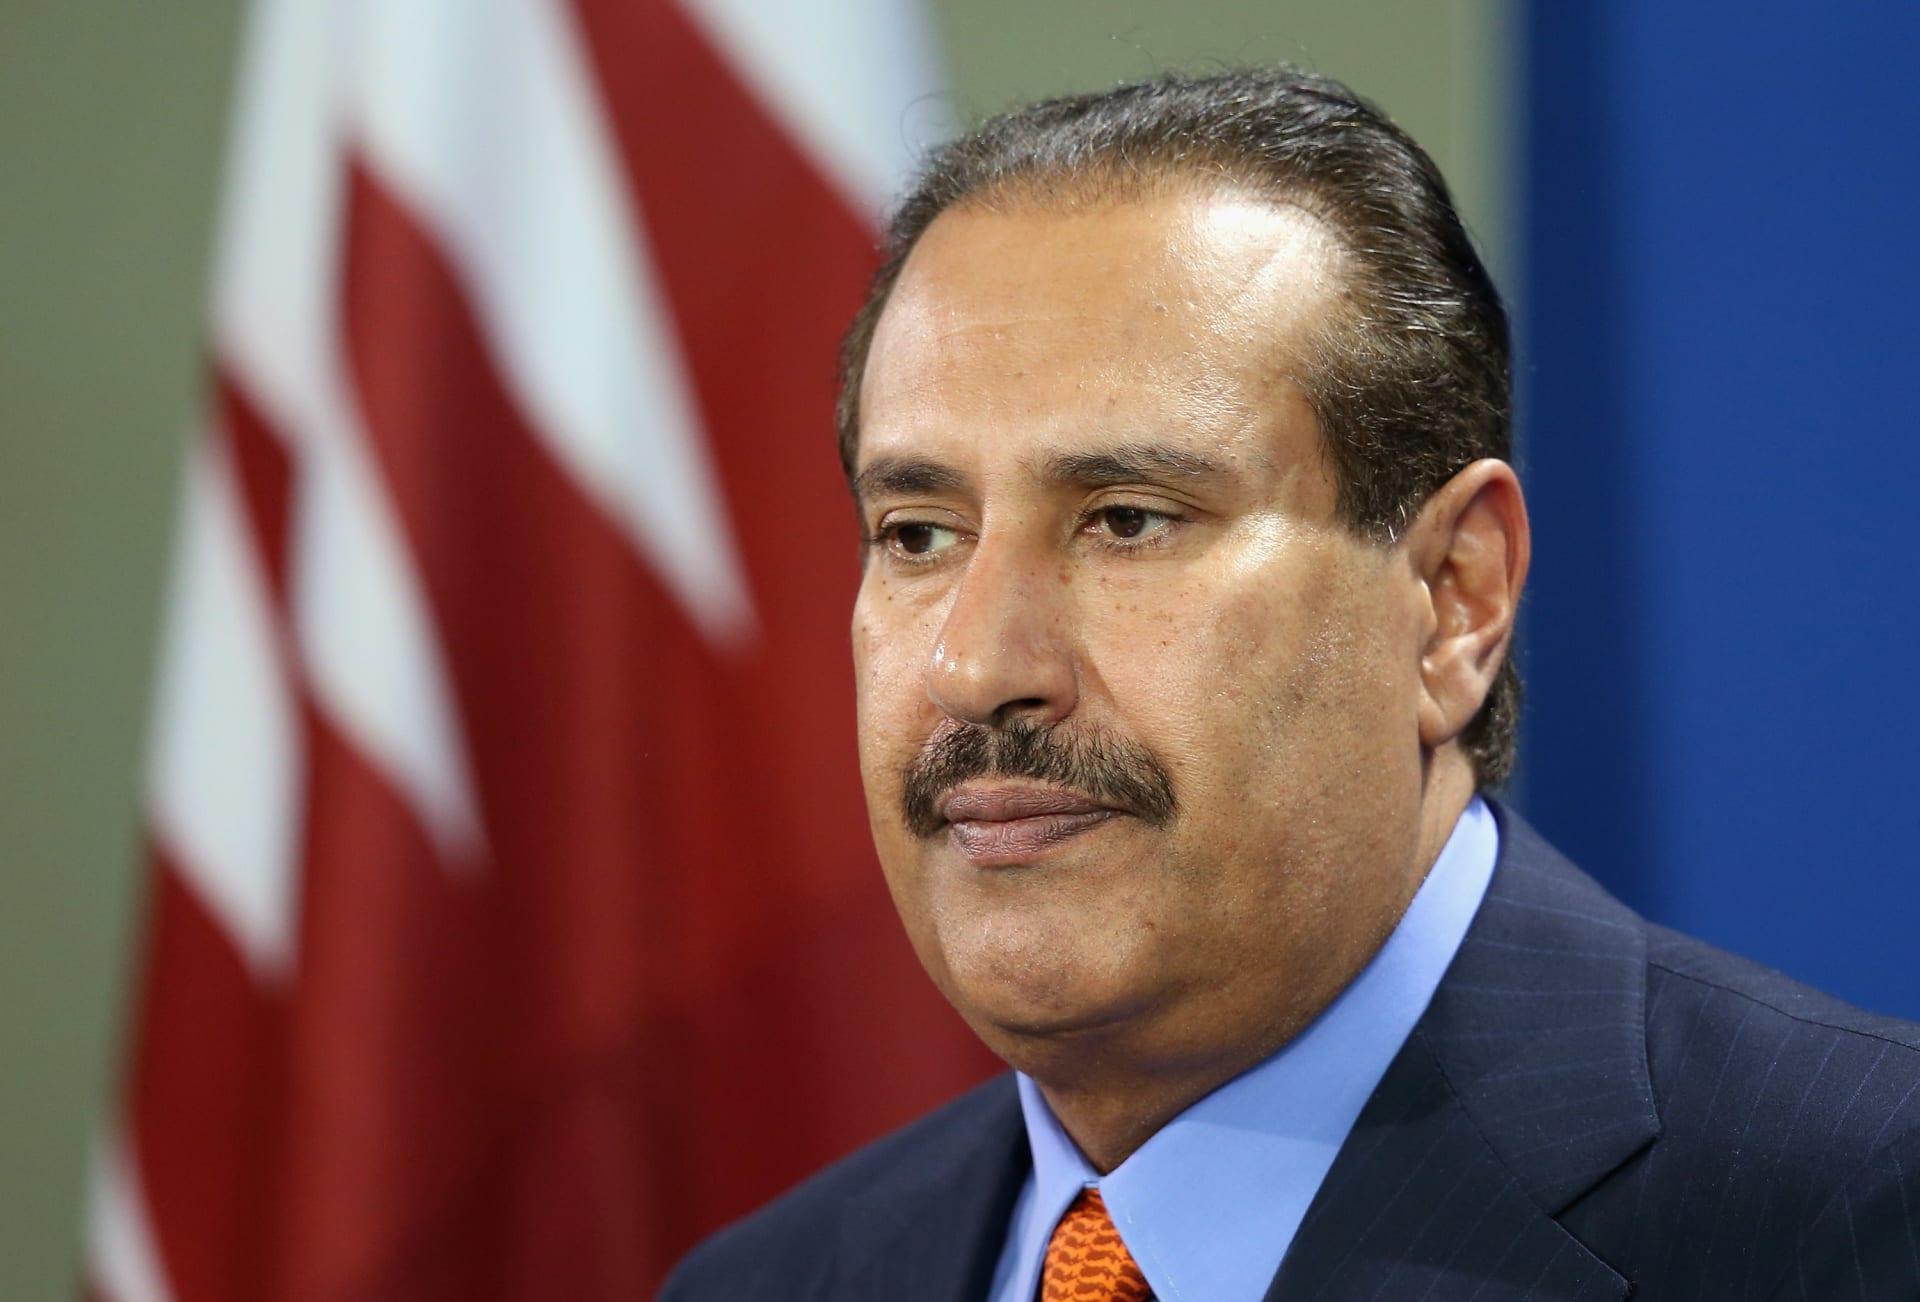 """رئيس الوزراء القطري السابق يمتدح أحد ملوك السعودية: """"كان أبا وزعيما خليجيا"""""""